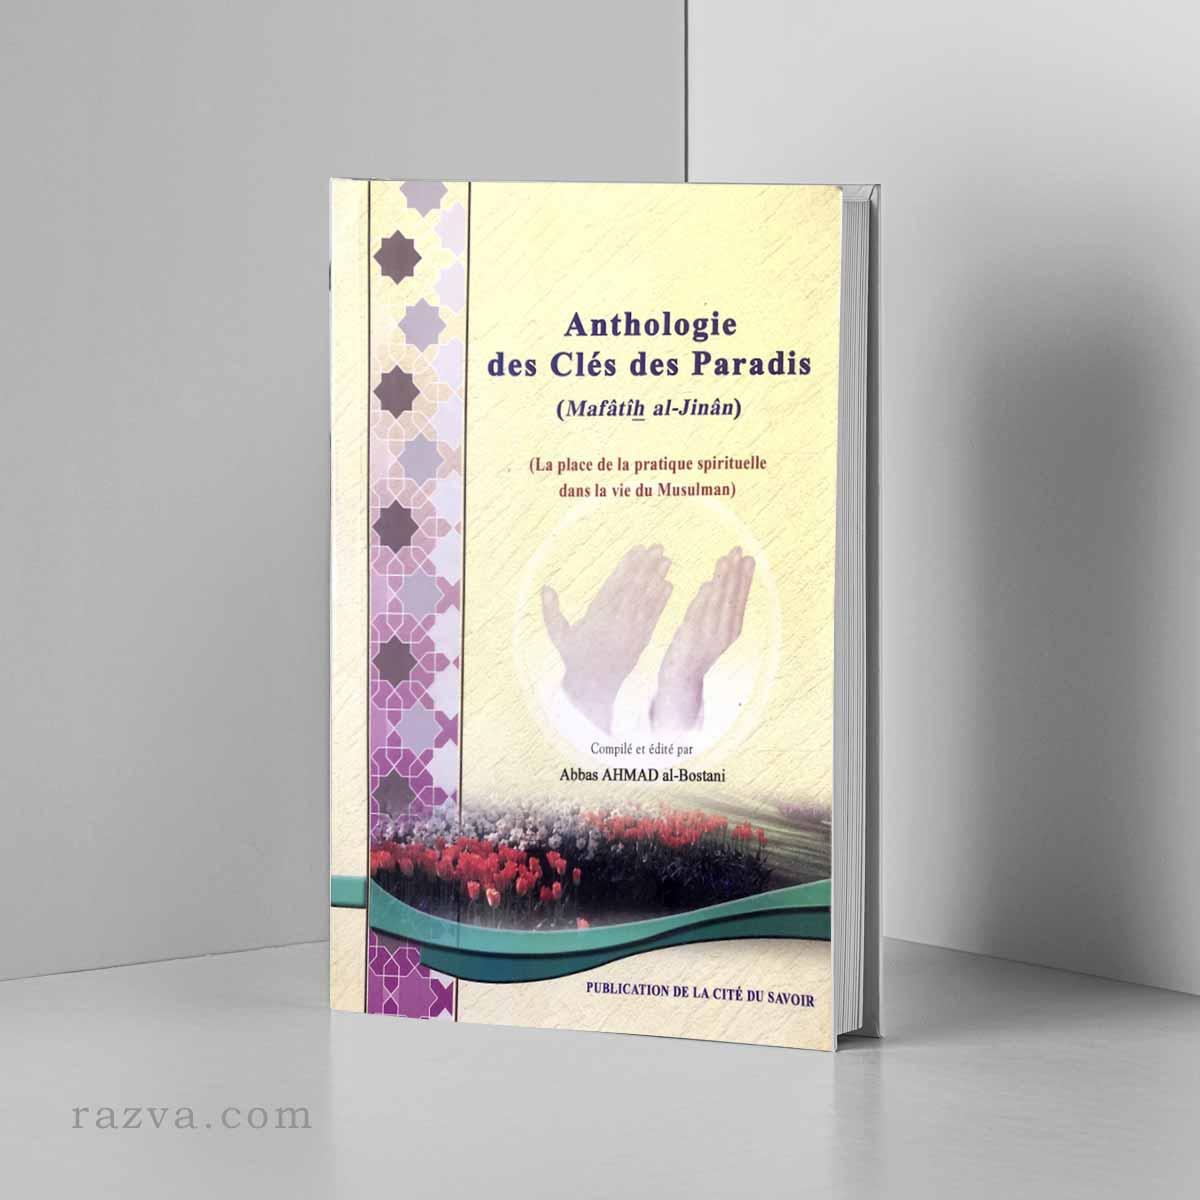 Mafatih al-Jinan français Anthologie des clés des paradis Bostani